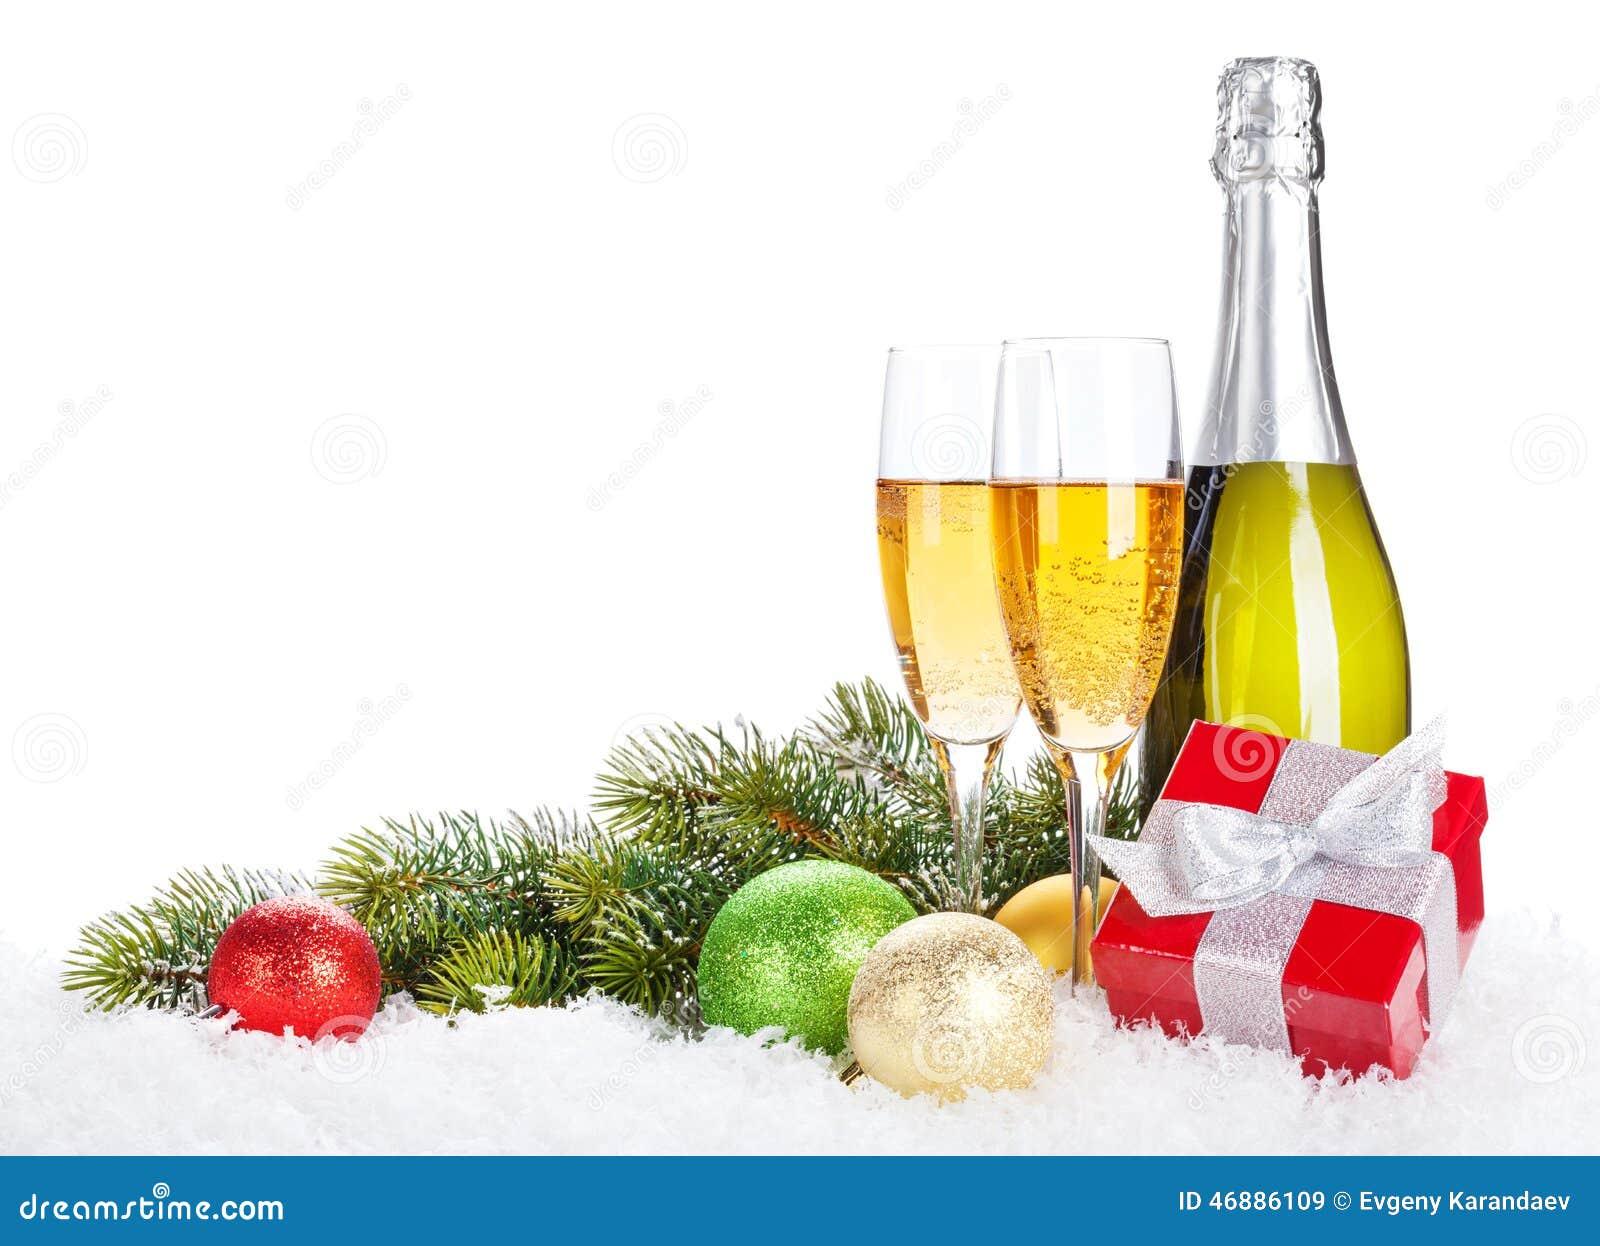 Boîte De Cadeau Le Jour De Noël Clip Art: Champagne, Décor De Noël Et Boîte-cadeau Photo Stock